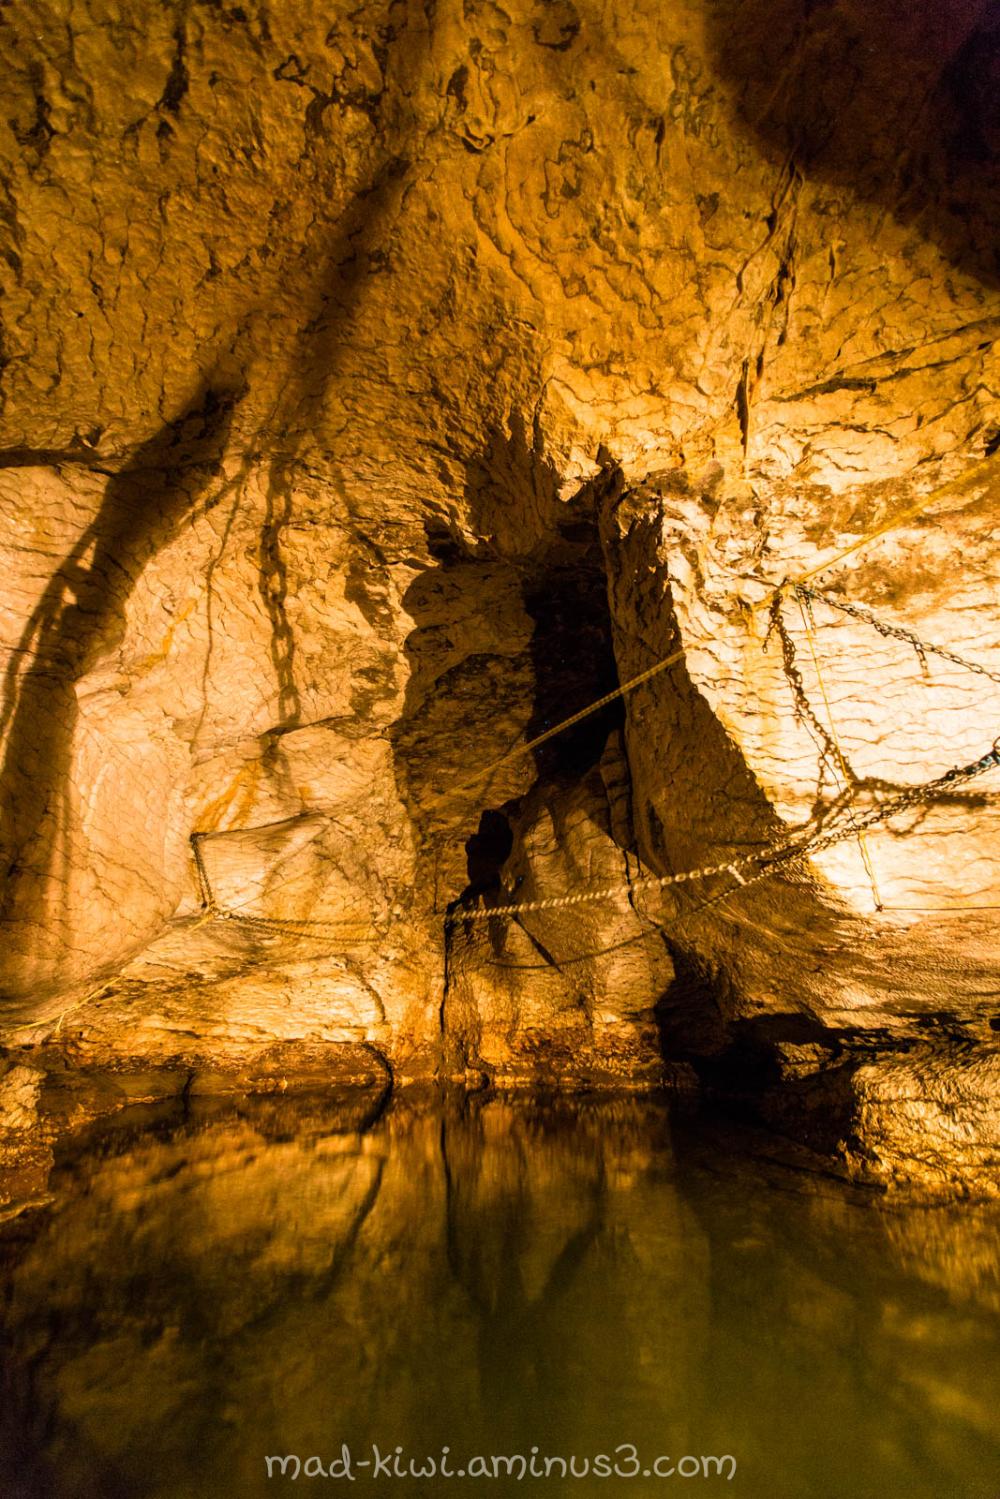 Glowworm Grotto I